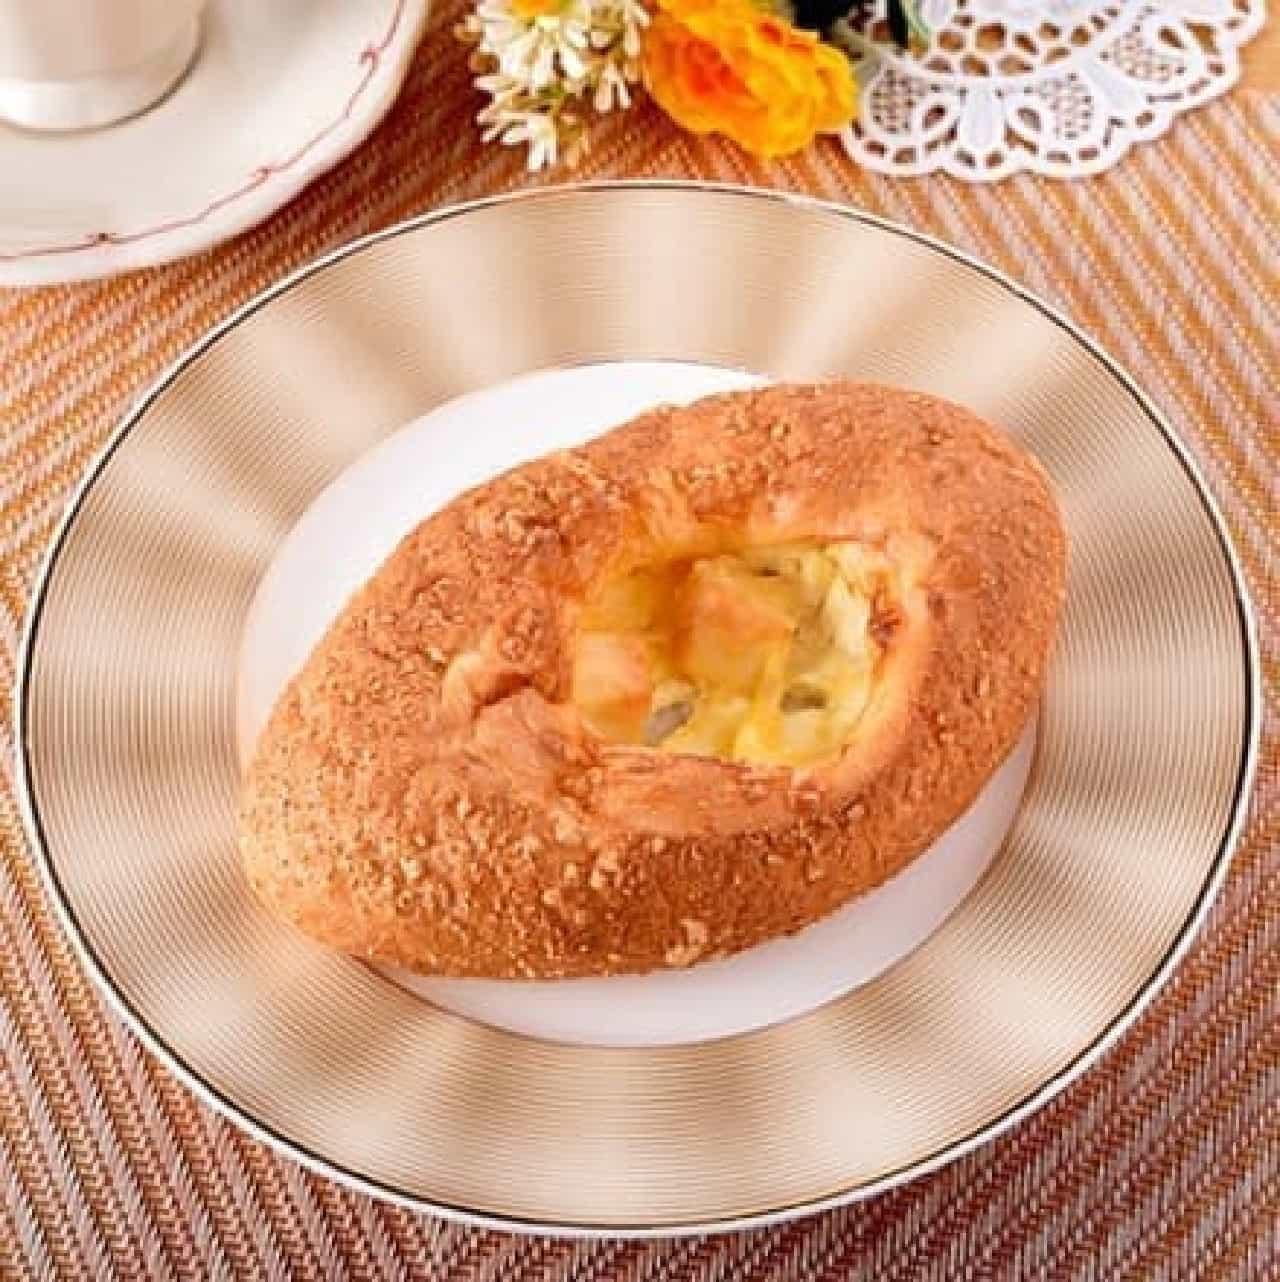 ファミリーマート「3種のチーズフランス」